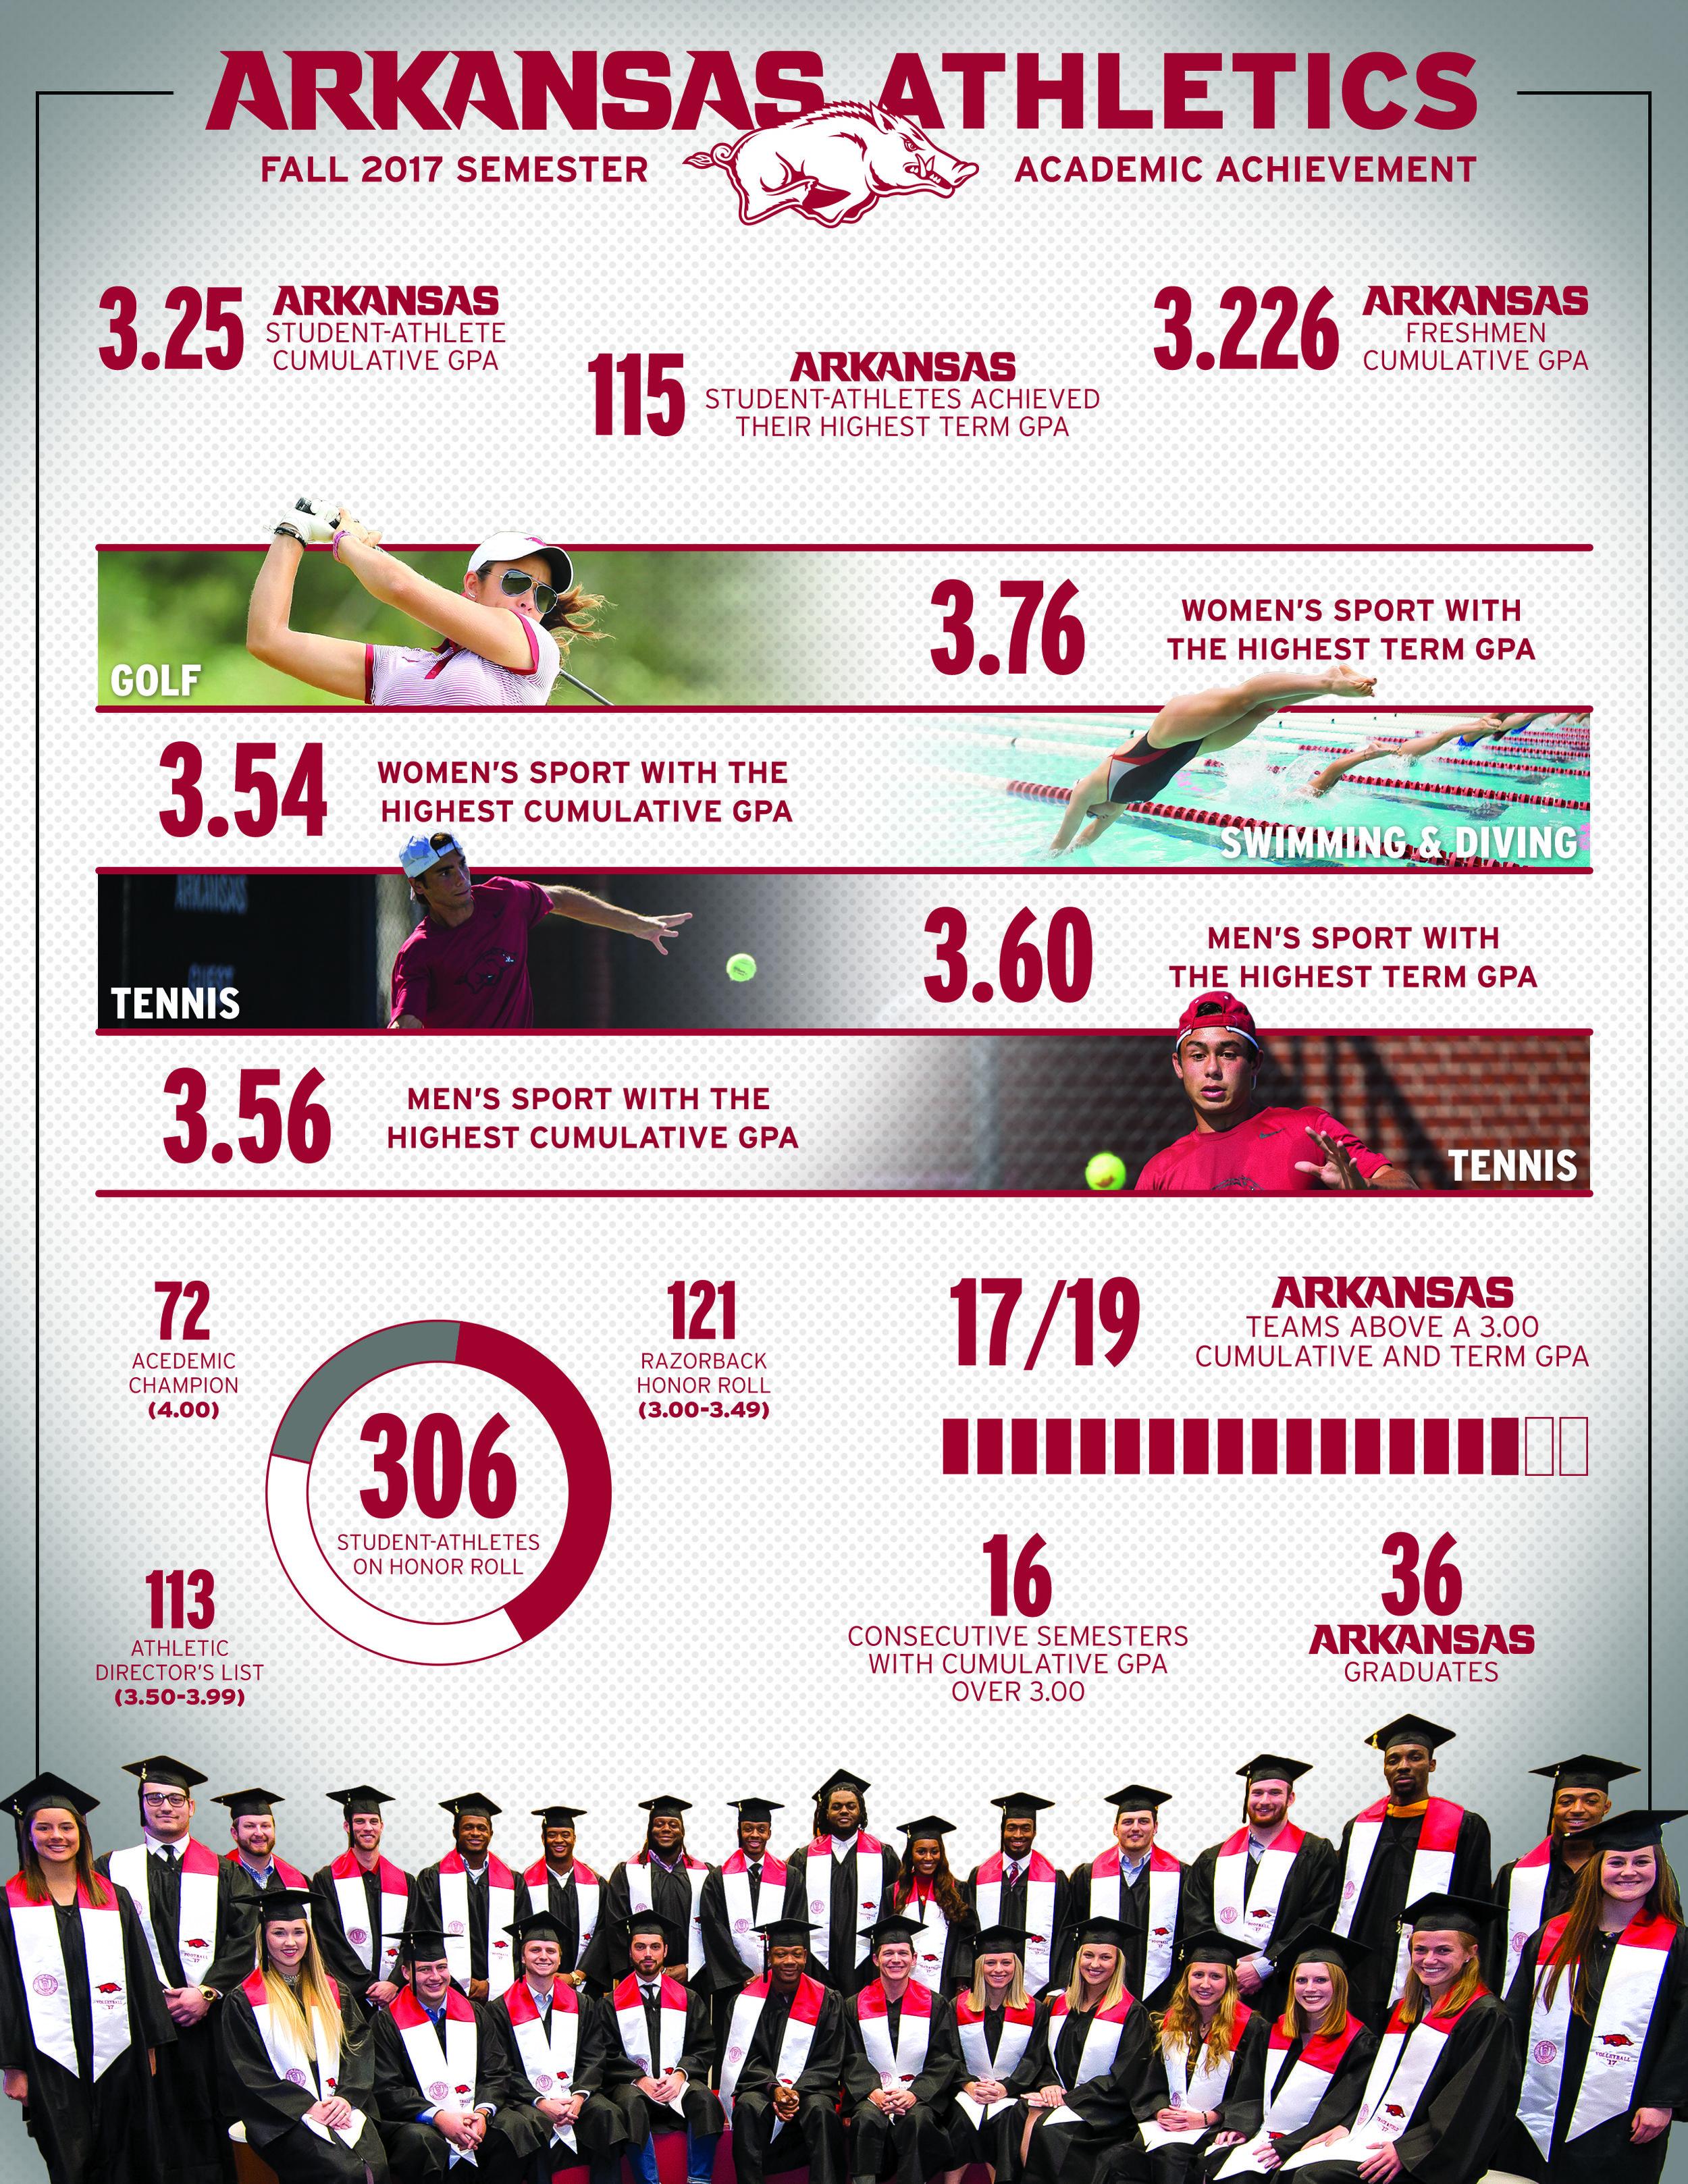 2017 Academic Infographic.jpg